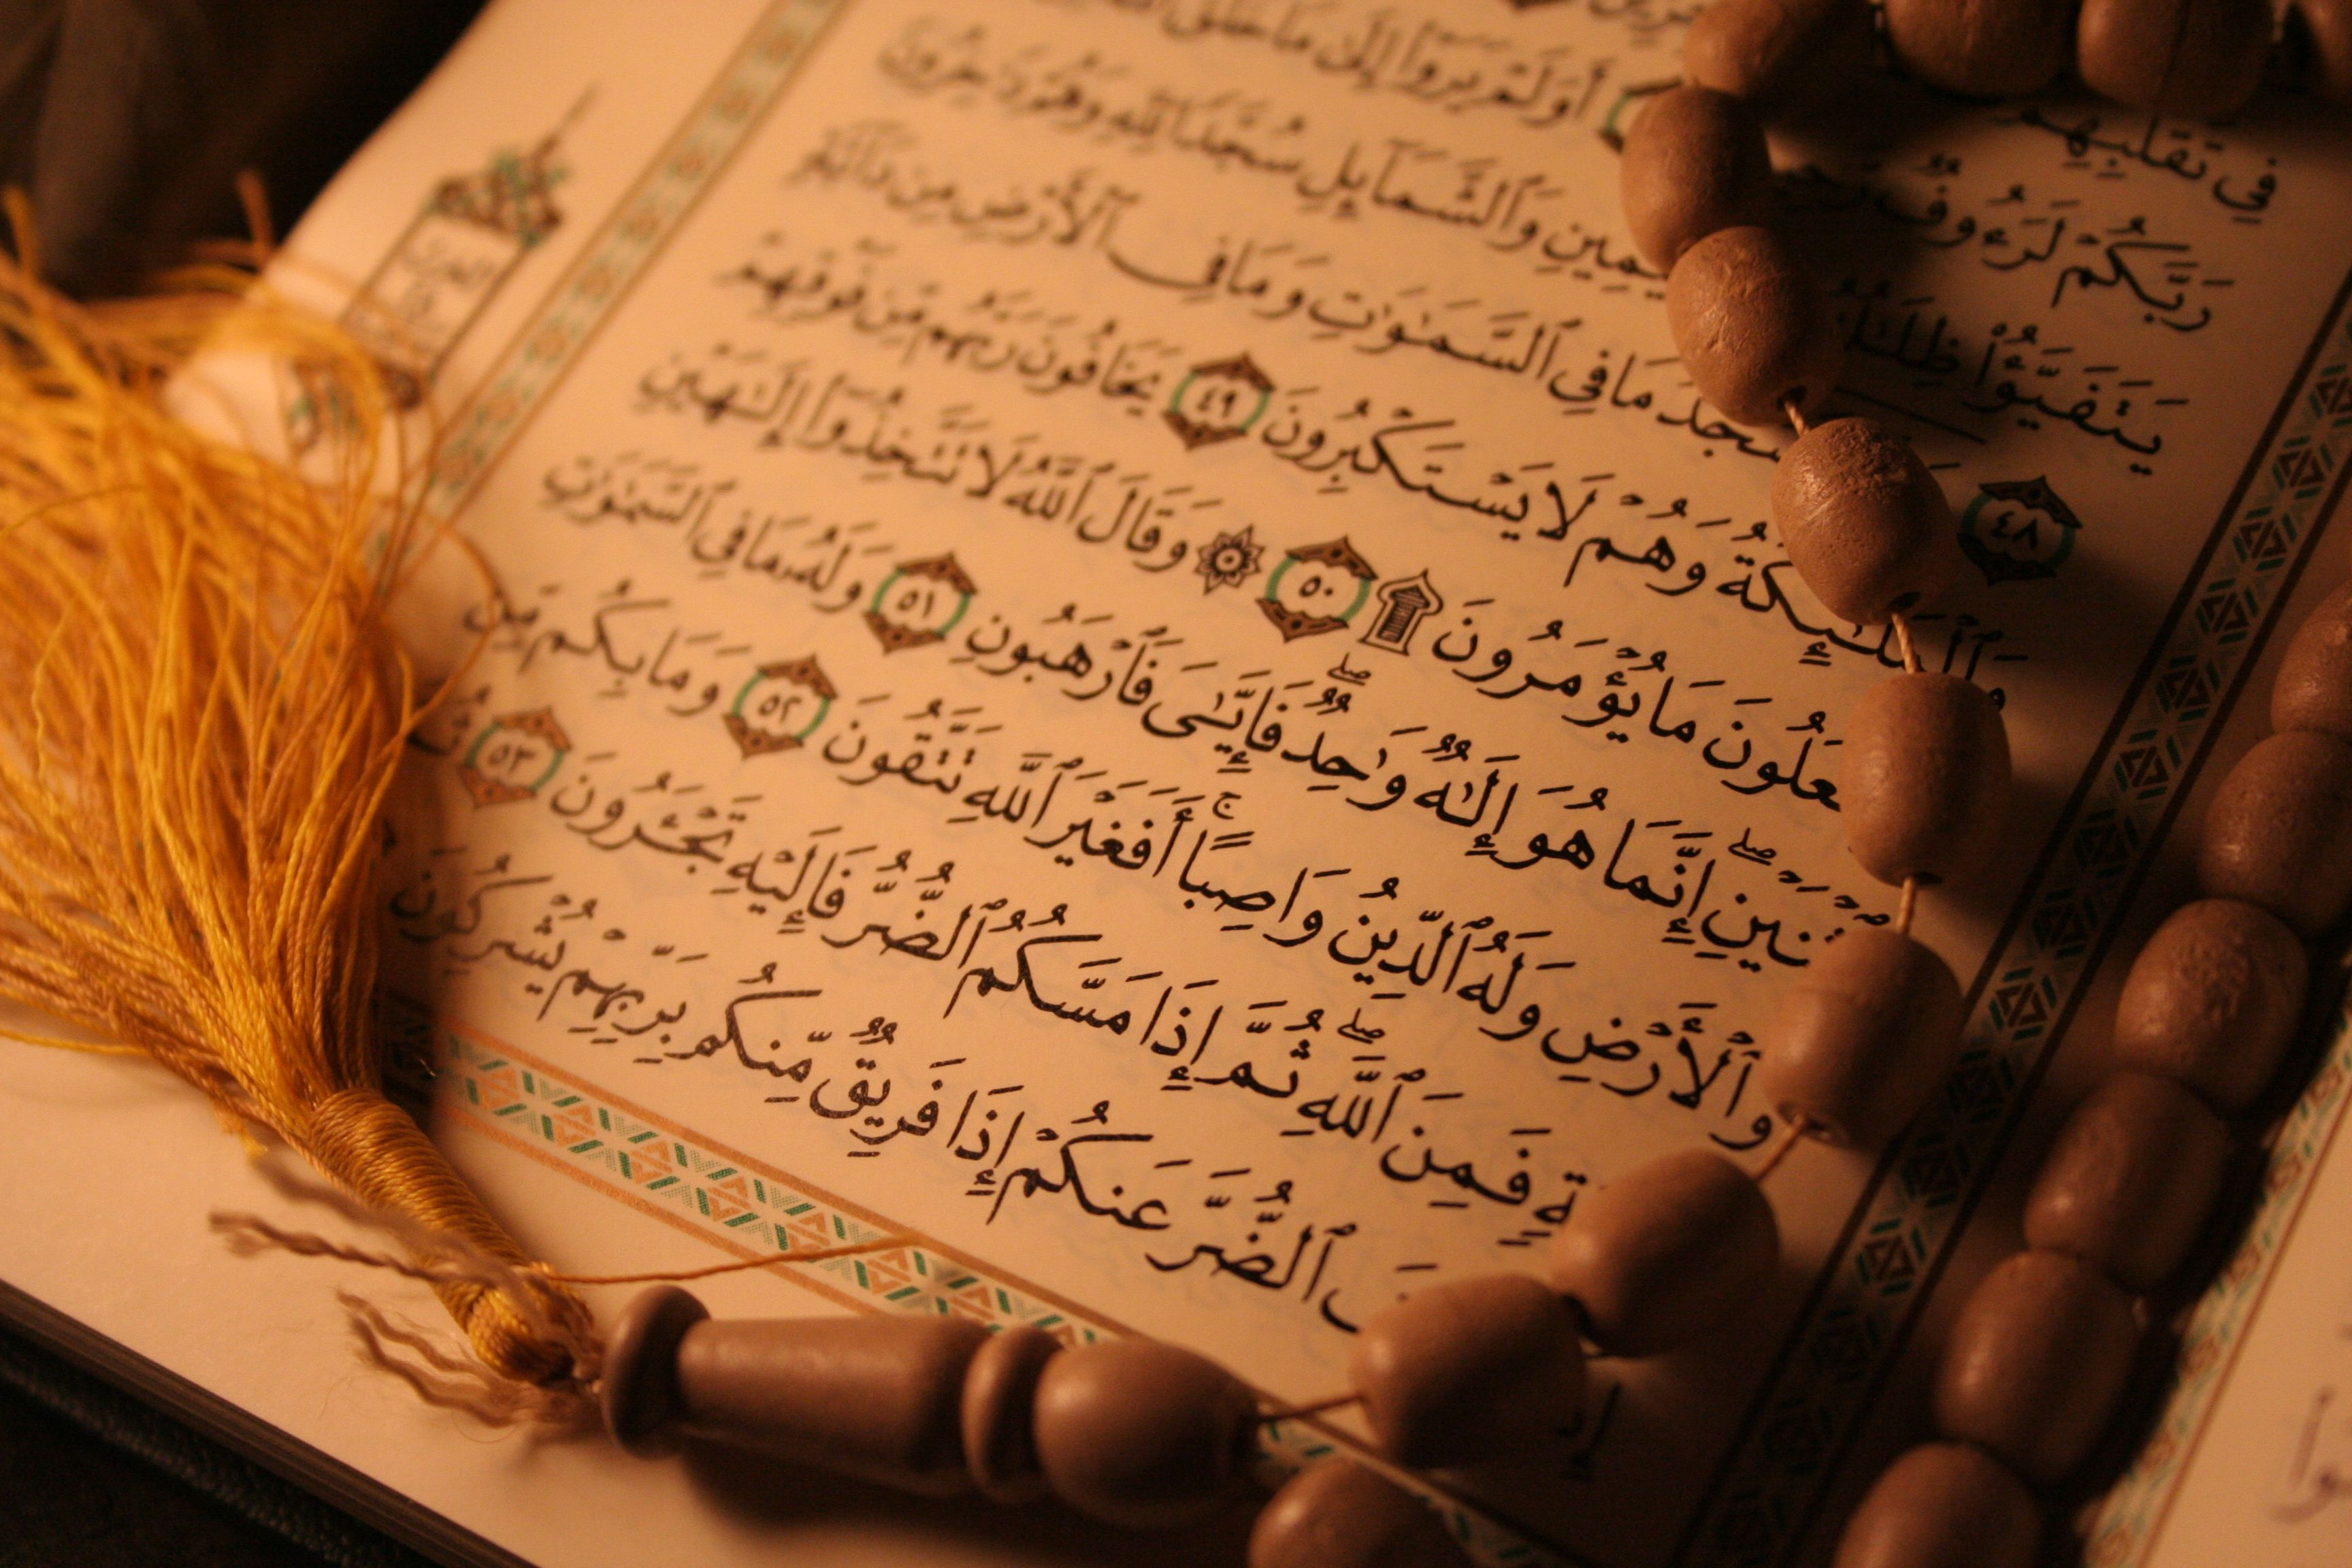 قرآن کریم بهترین راهکار برای صیانت انسان از وساوس شیطانی است